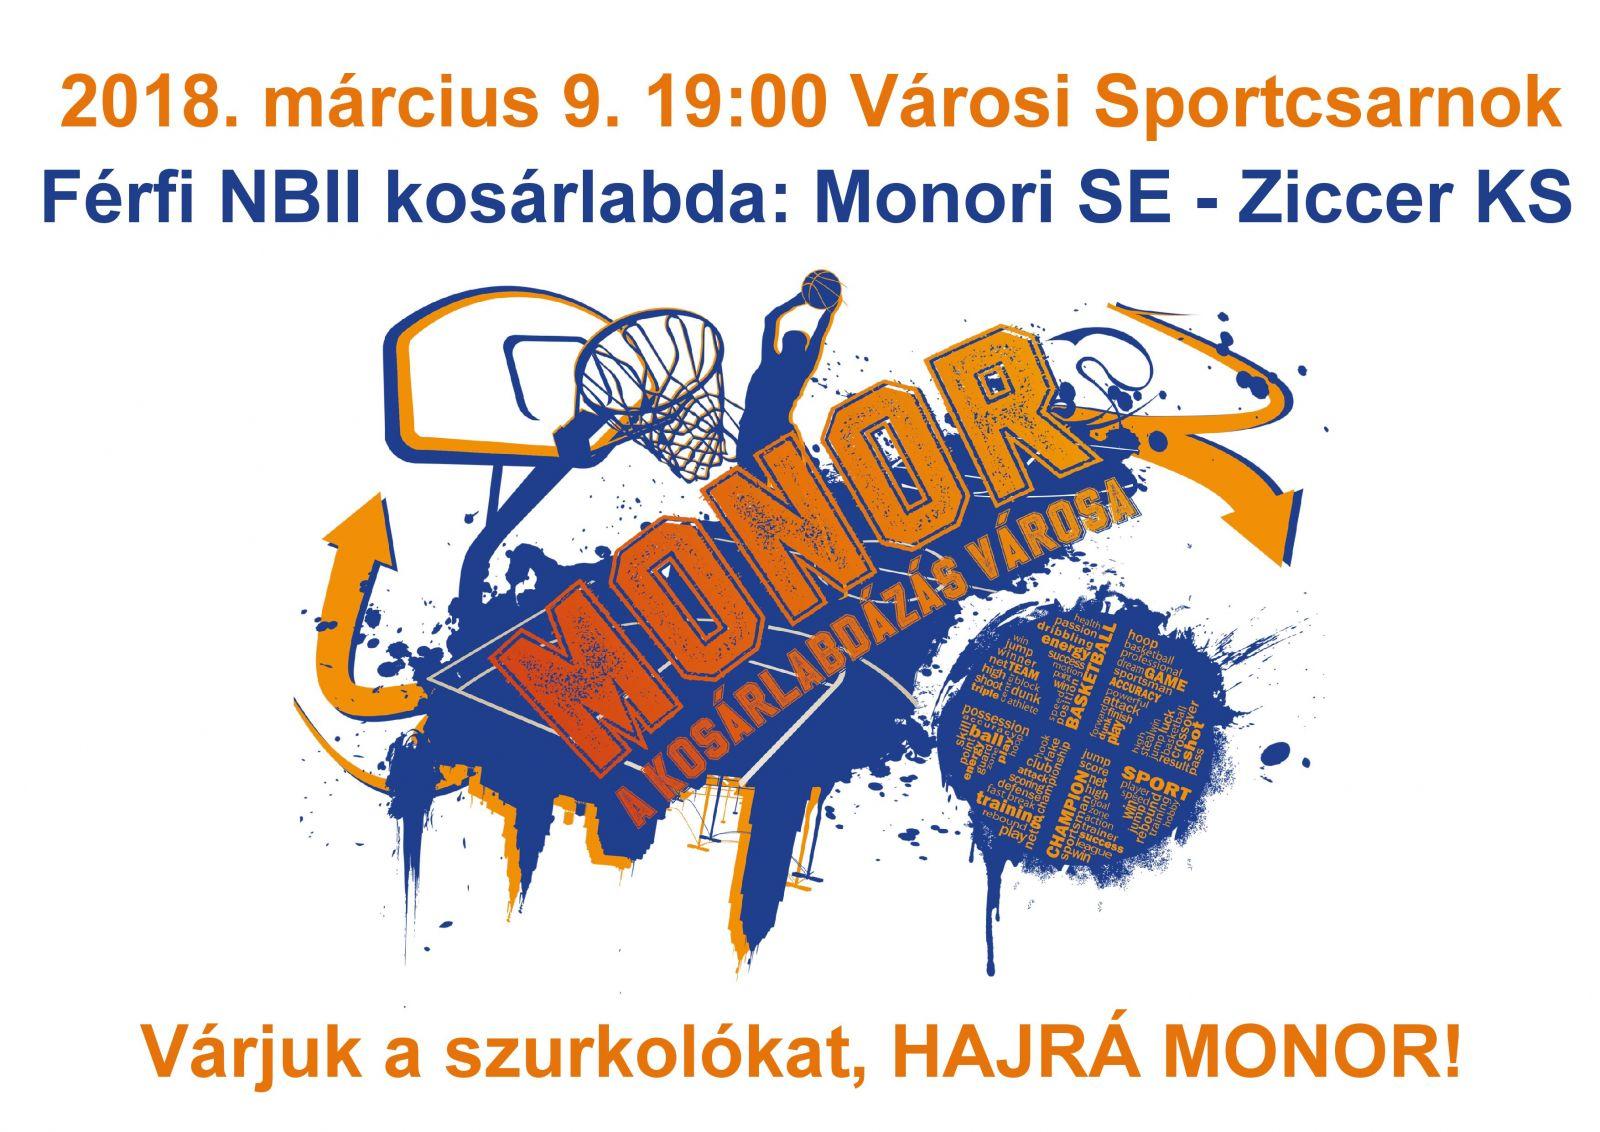 Félidei értékelést tartott a Monori SE kosárlabda szakosztálya